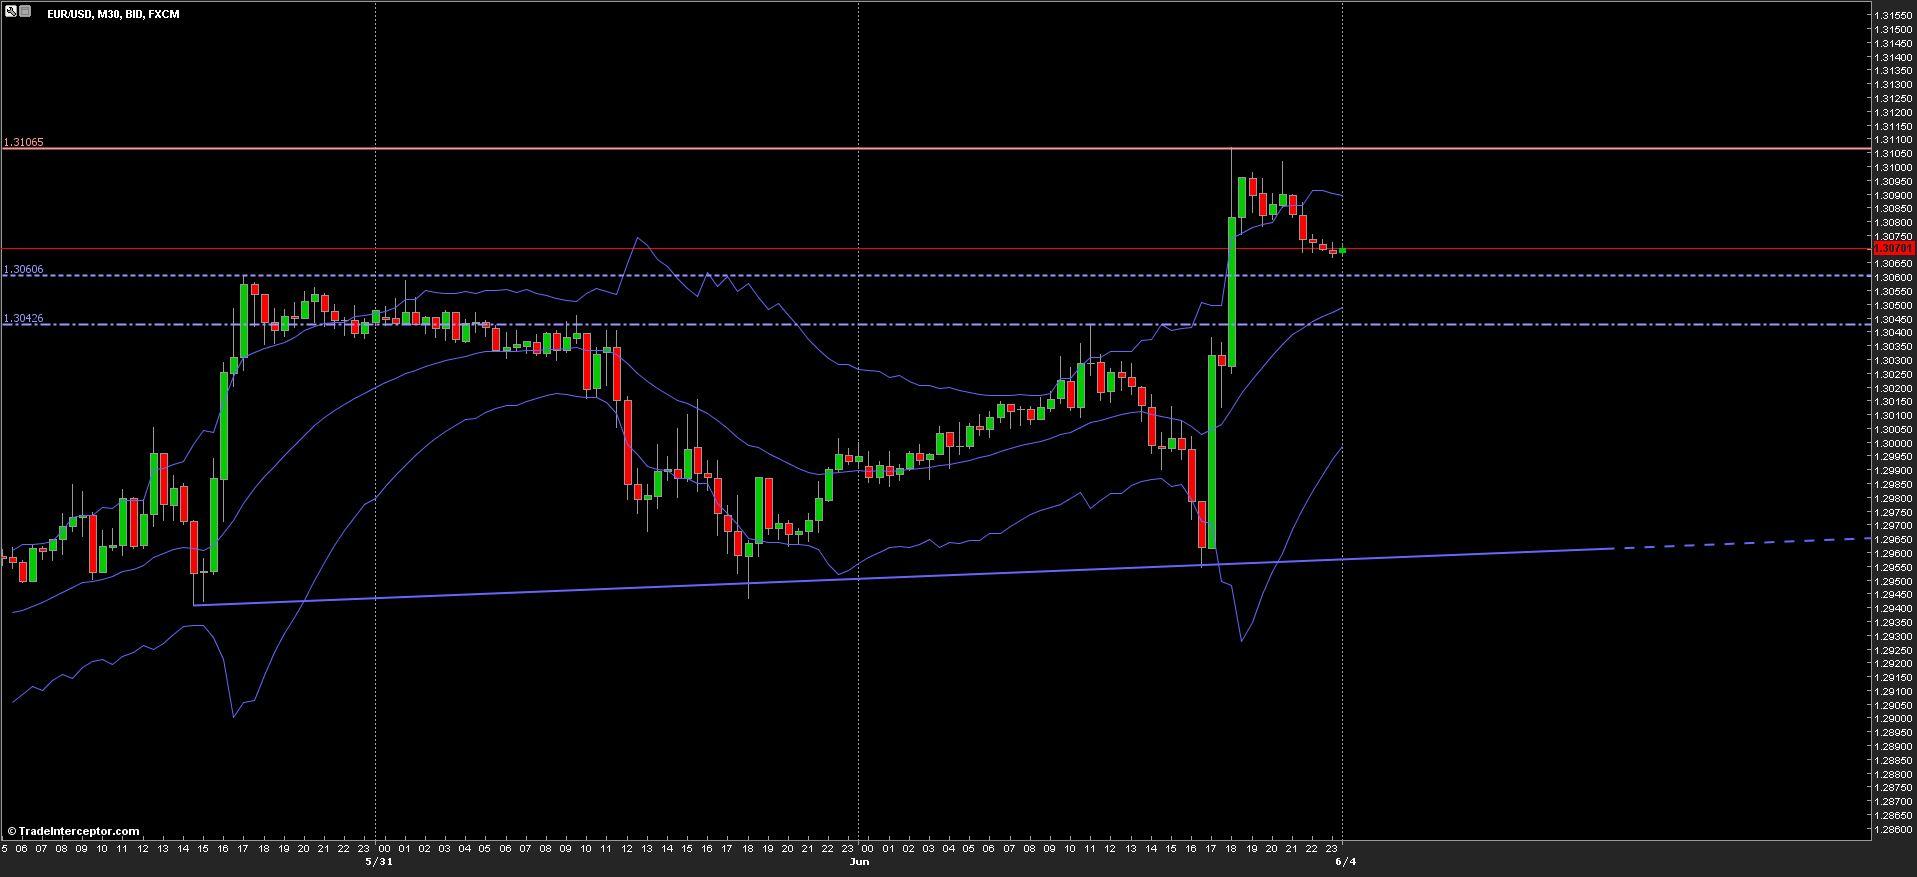 EURUSD Chart 04/06/2013